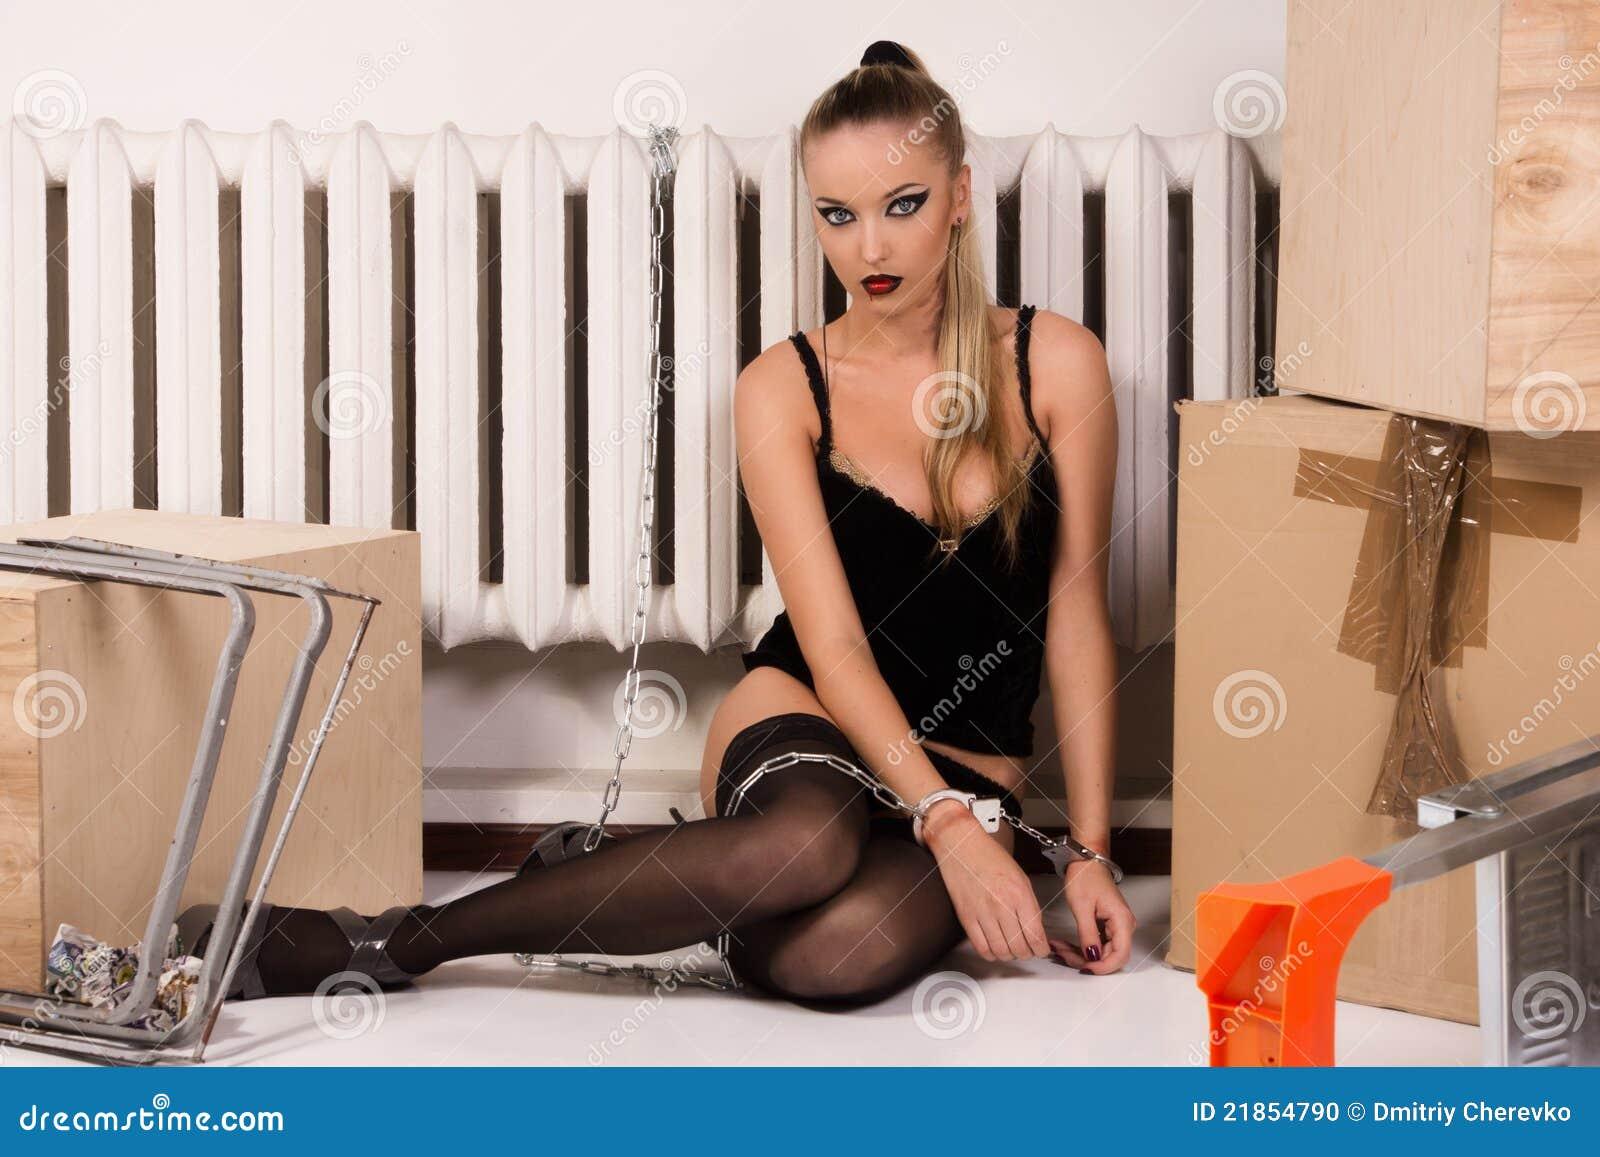 Фото девушки прикованной к кровати наручниками 15 фотография